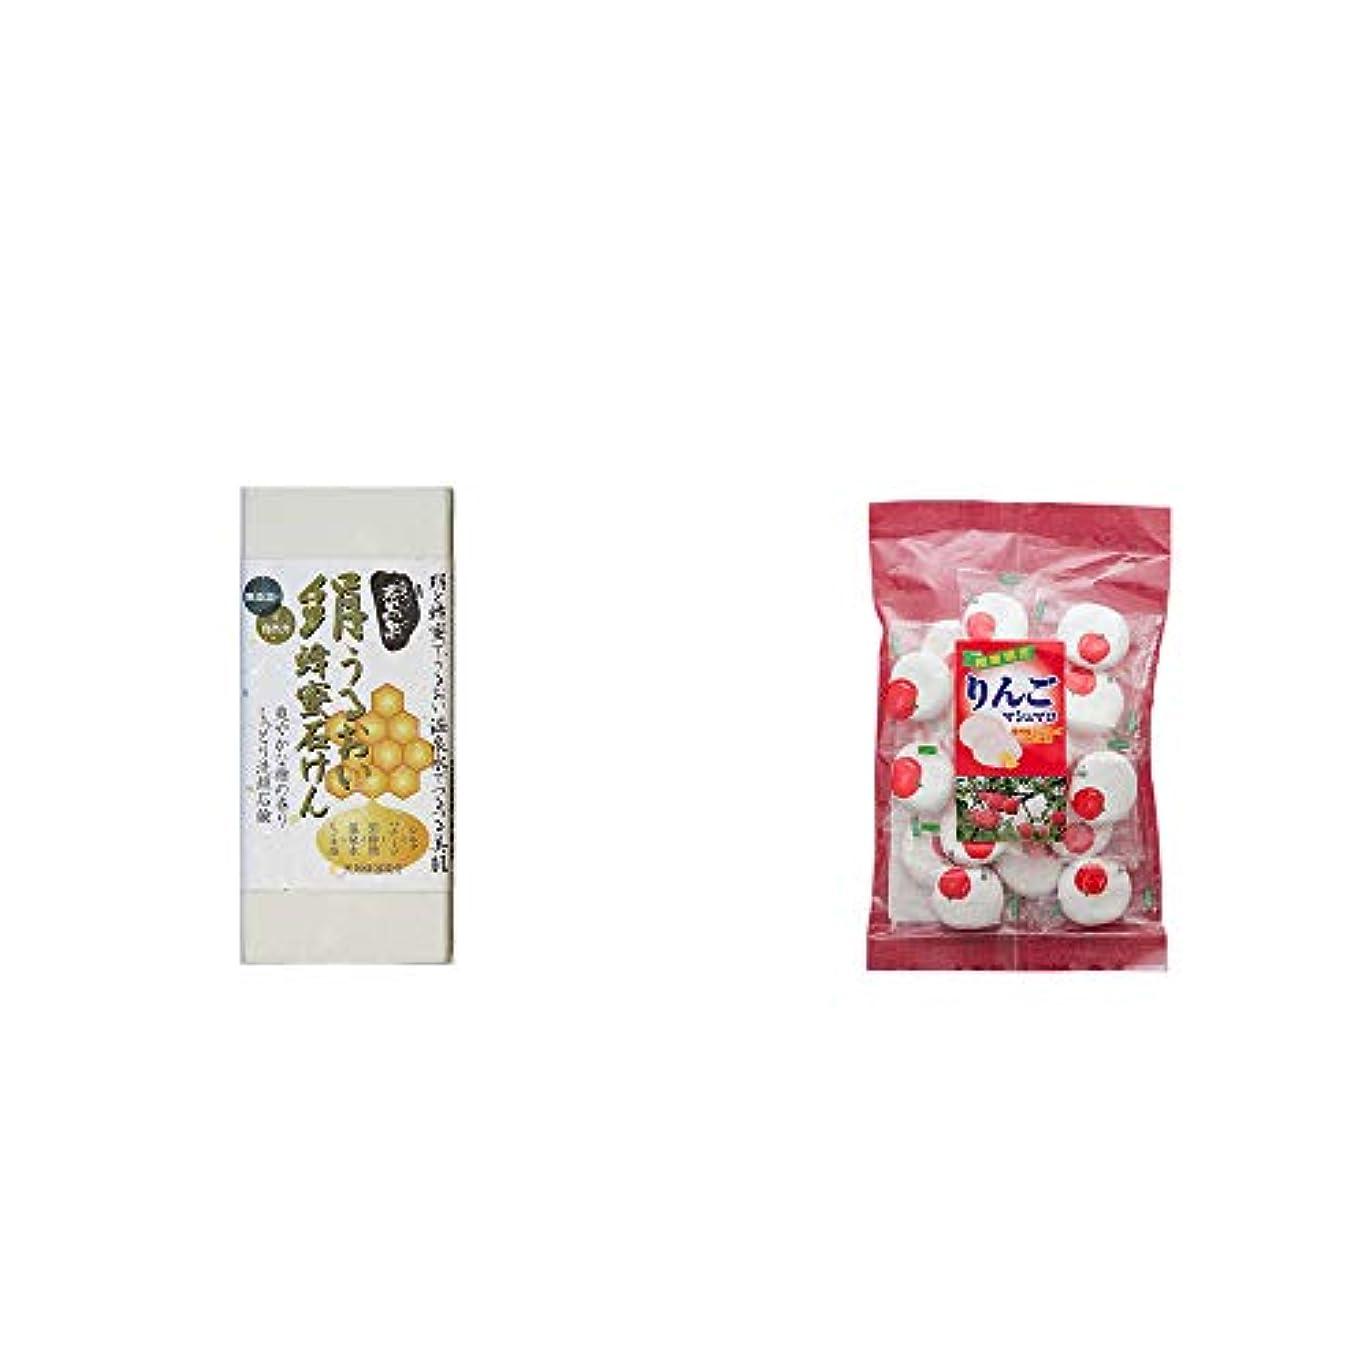 着るシプリー雑草[2点セット] ひのき炭黒泉 絹うるおい蜂蜜石けん(75g×2)?信州りんご100%使用 りんごマシュマロ(110g)